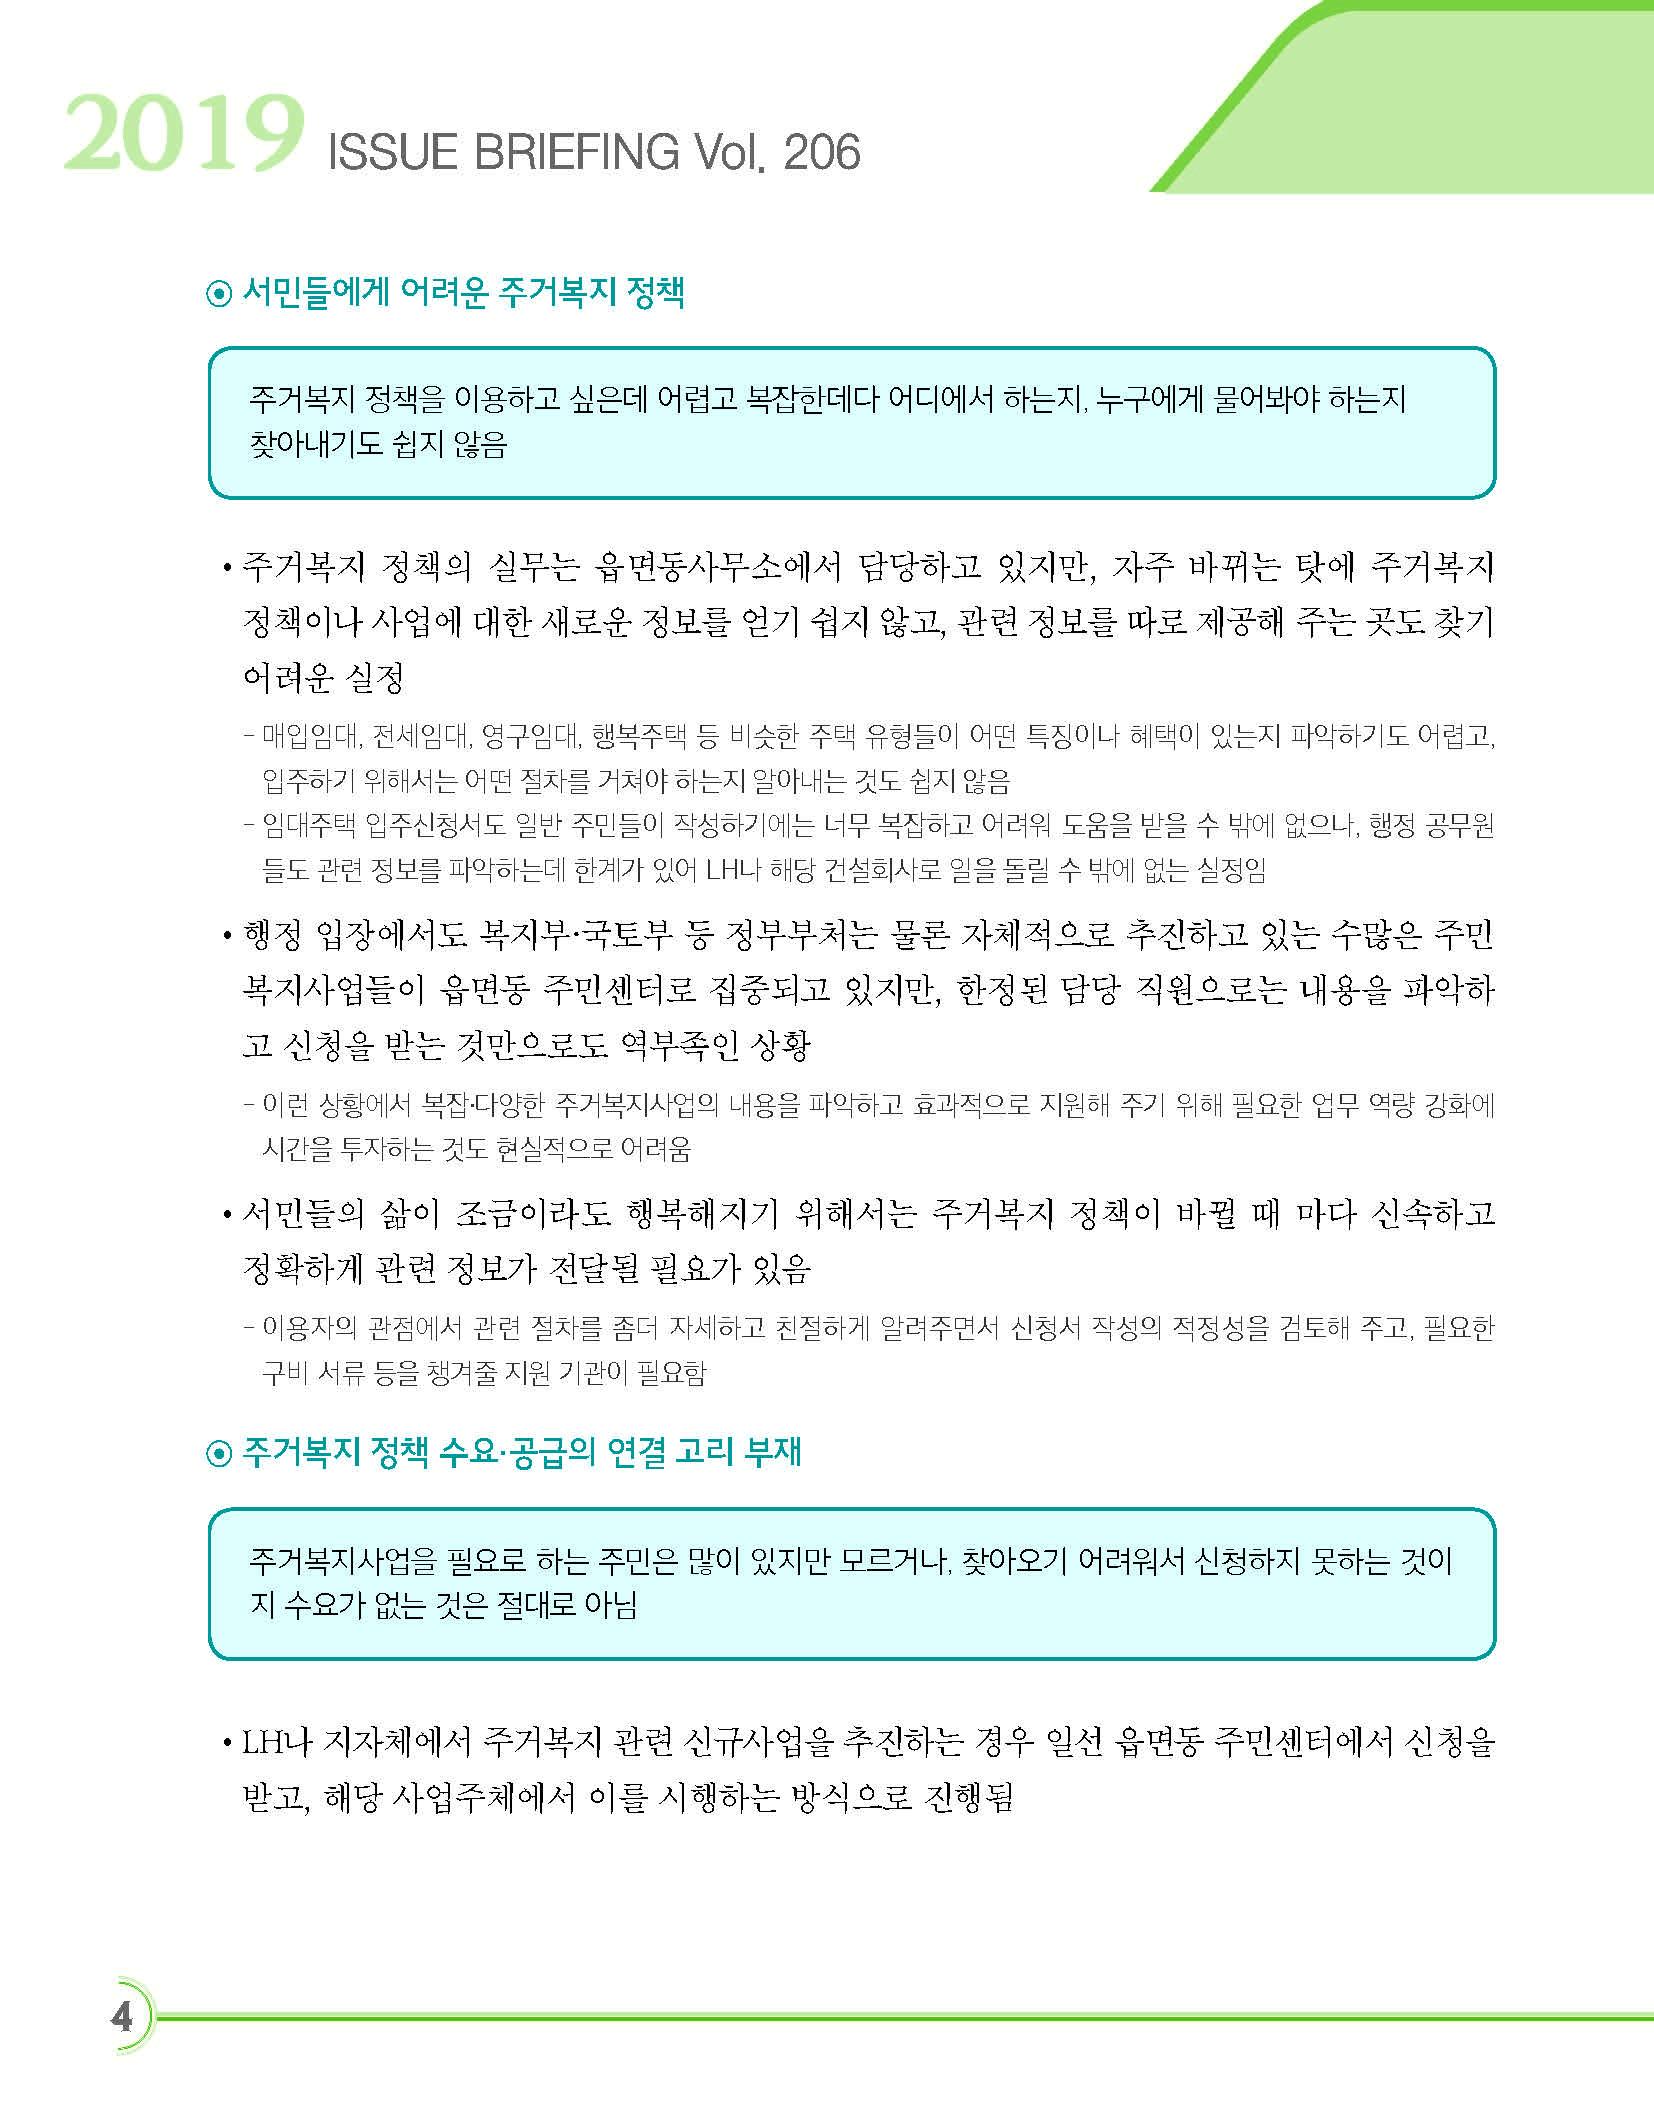 [이슈브리핑 206호]_전라북도 주거복지센터 설립이 필요하다_페이지_04.jpg